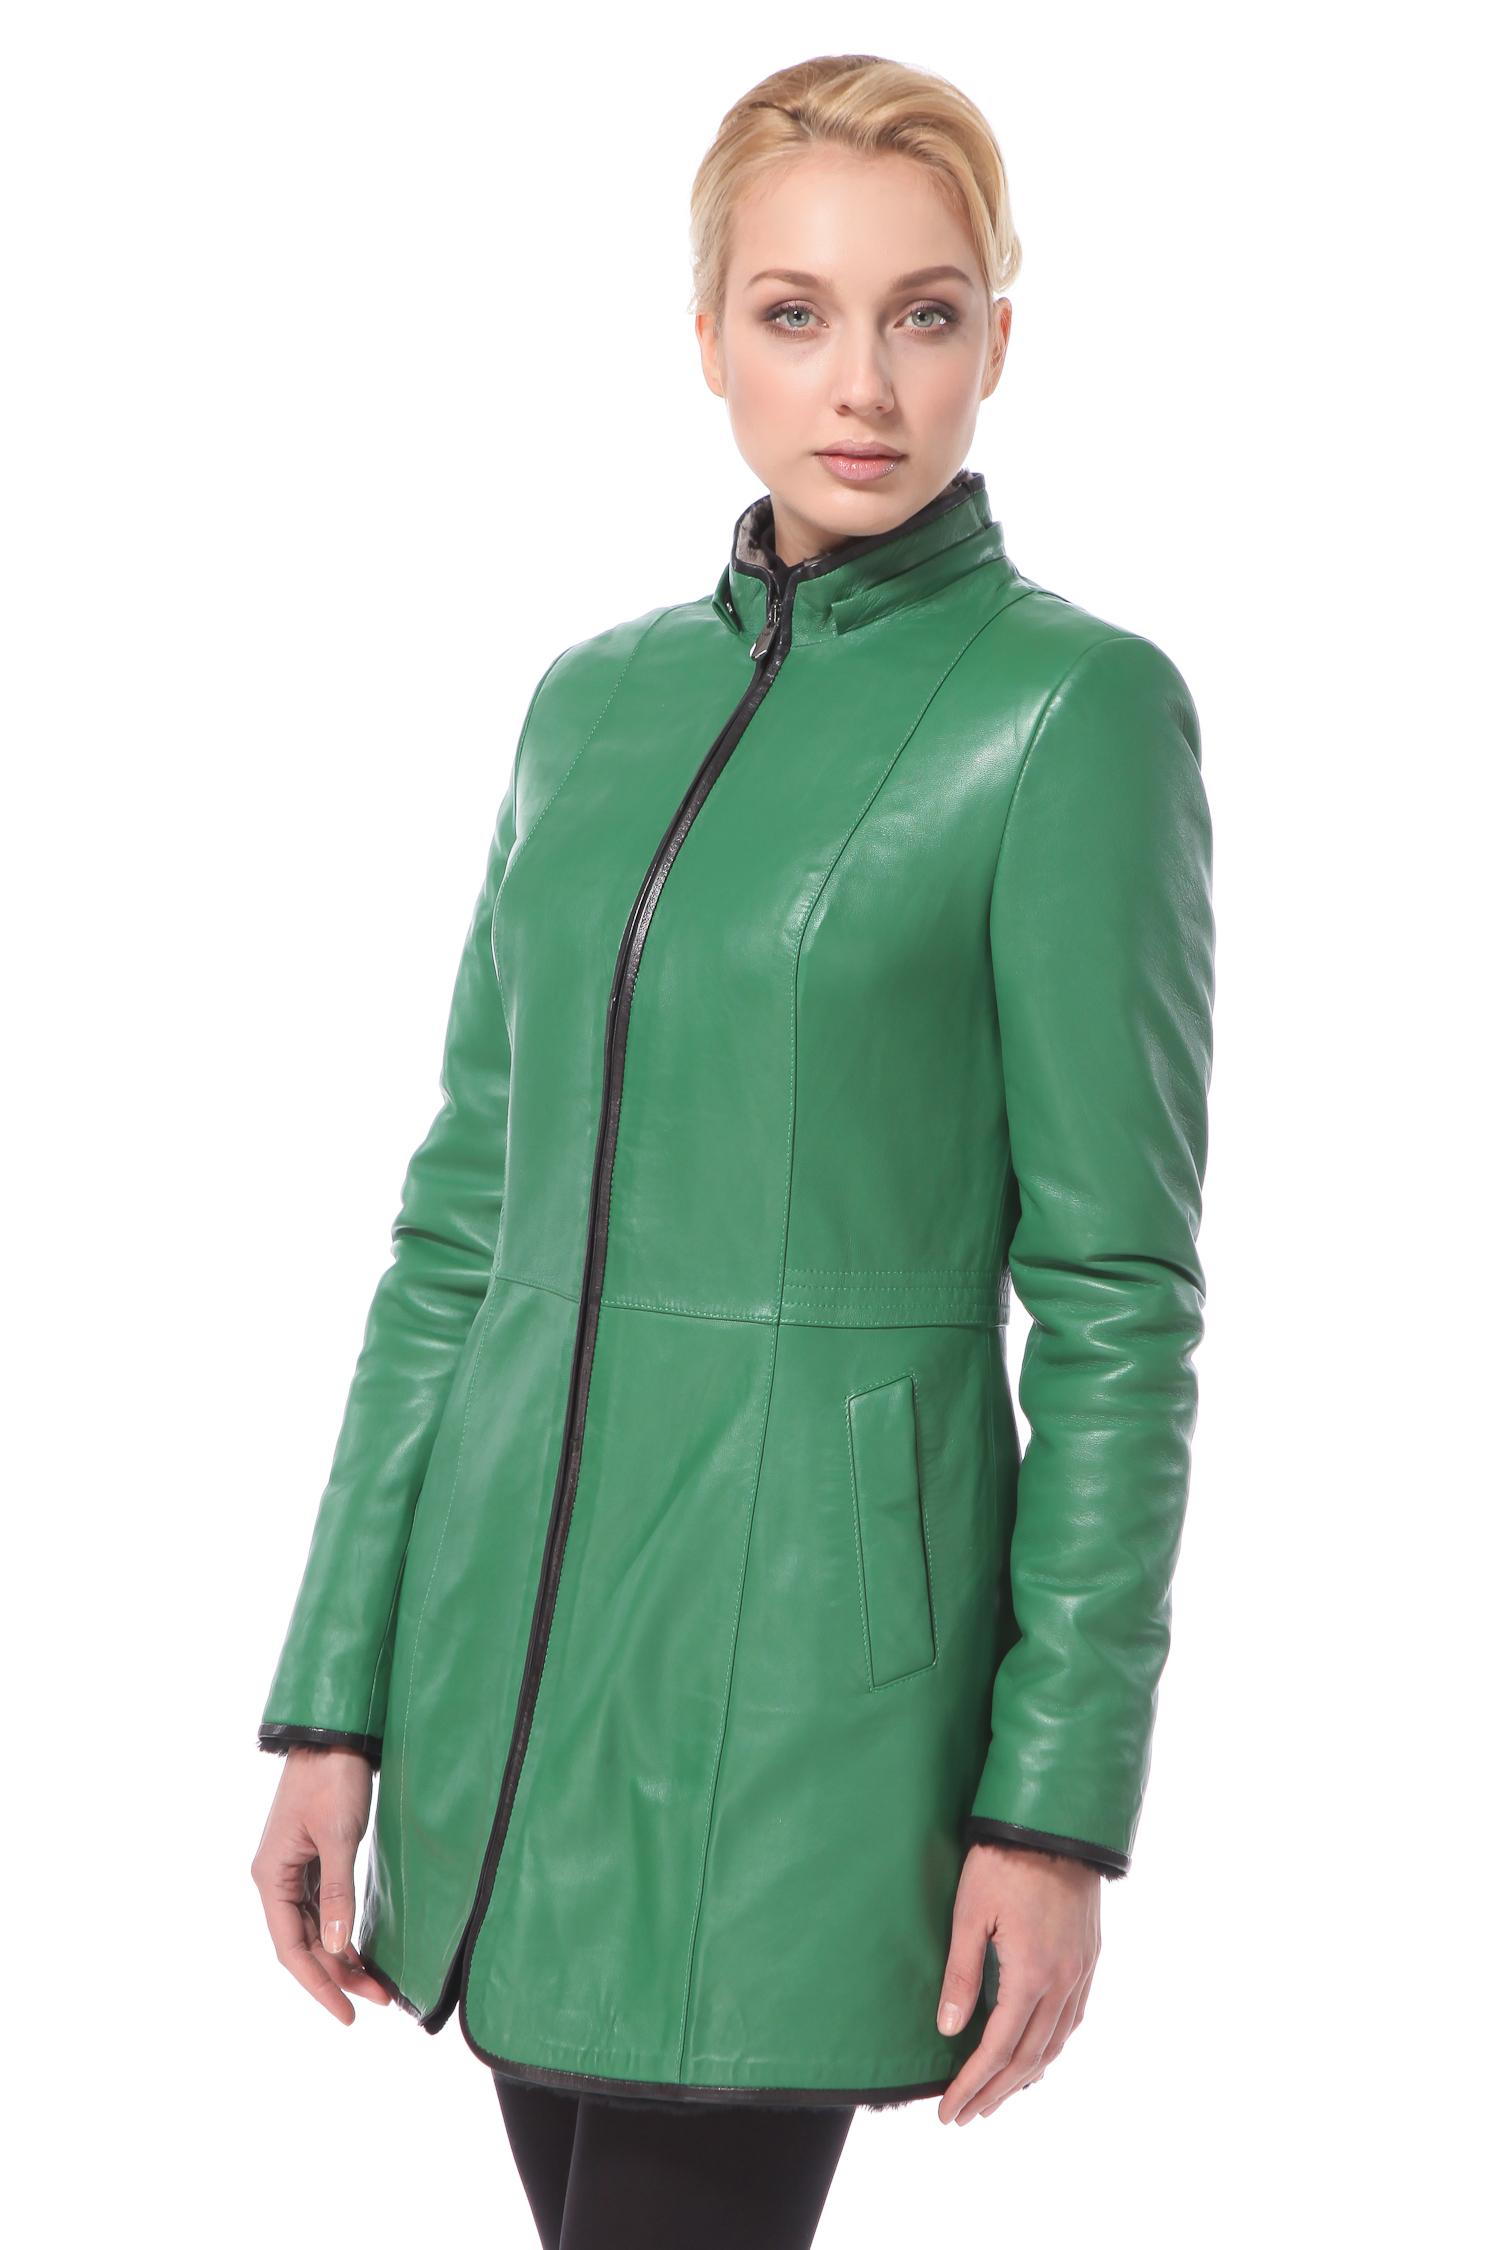 Дубленка женская из натуральной кожи с капюшоном, без отделки<br><br>Воротник: Капюшон<br>Длина см: 90<br>Материал: Наппа/интерфин<br>Цвет: Зеленый<br>Пол: Женский